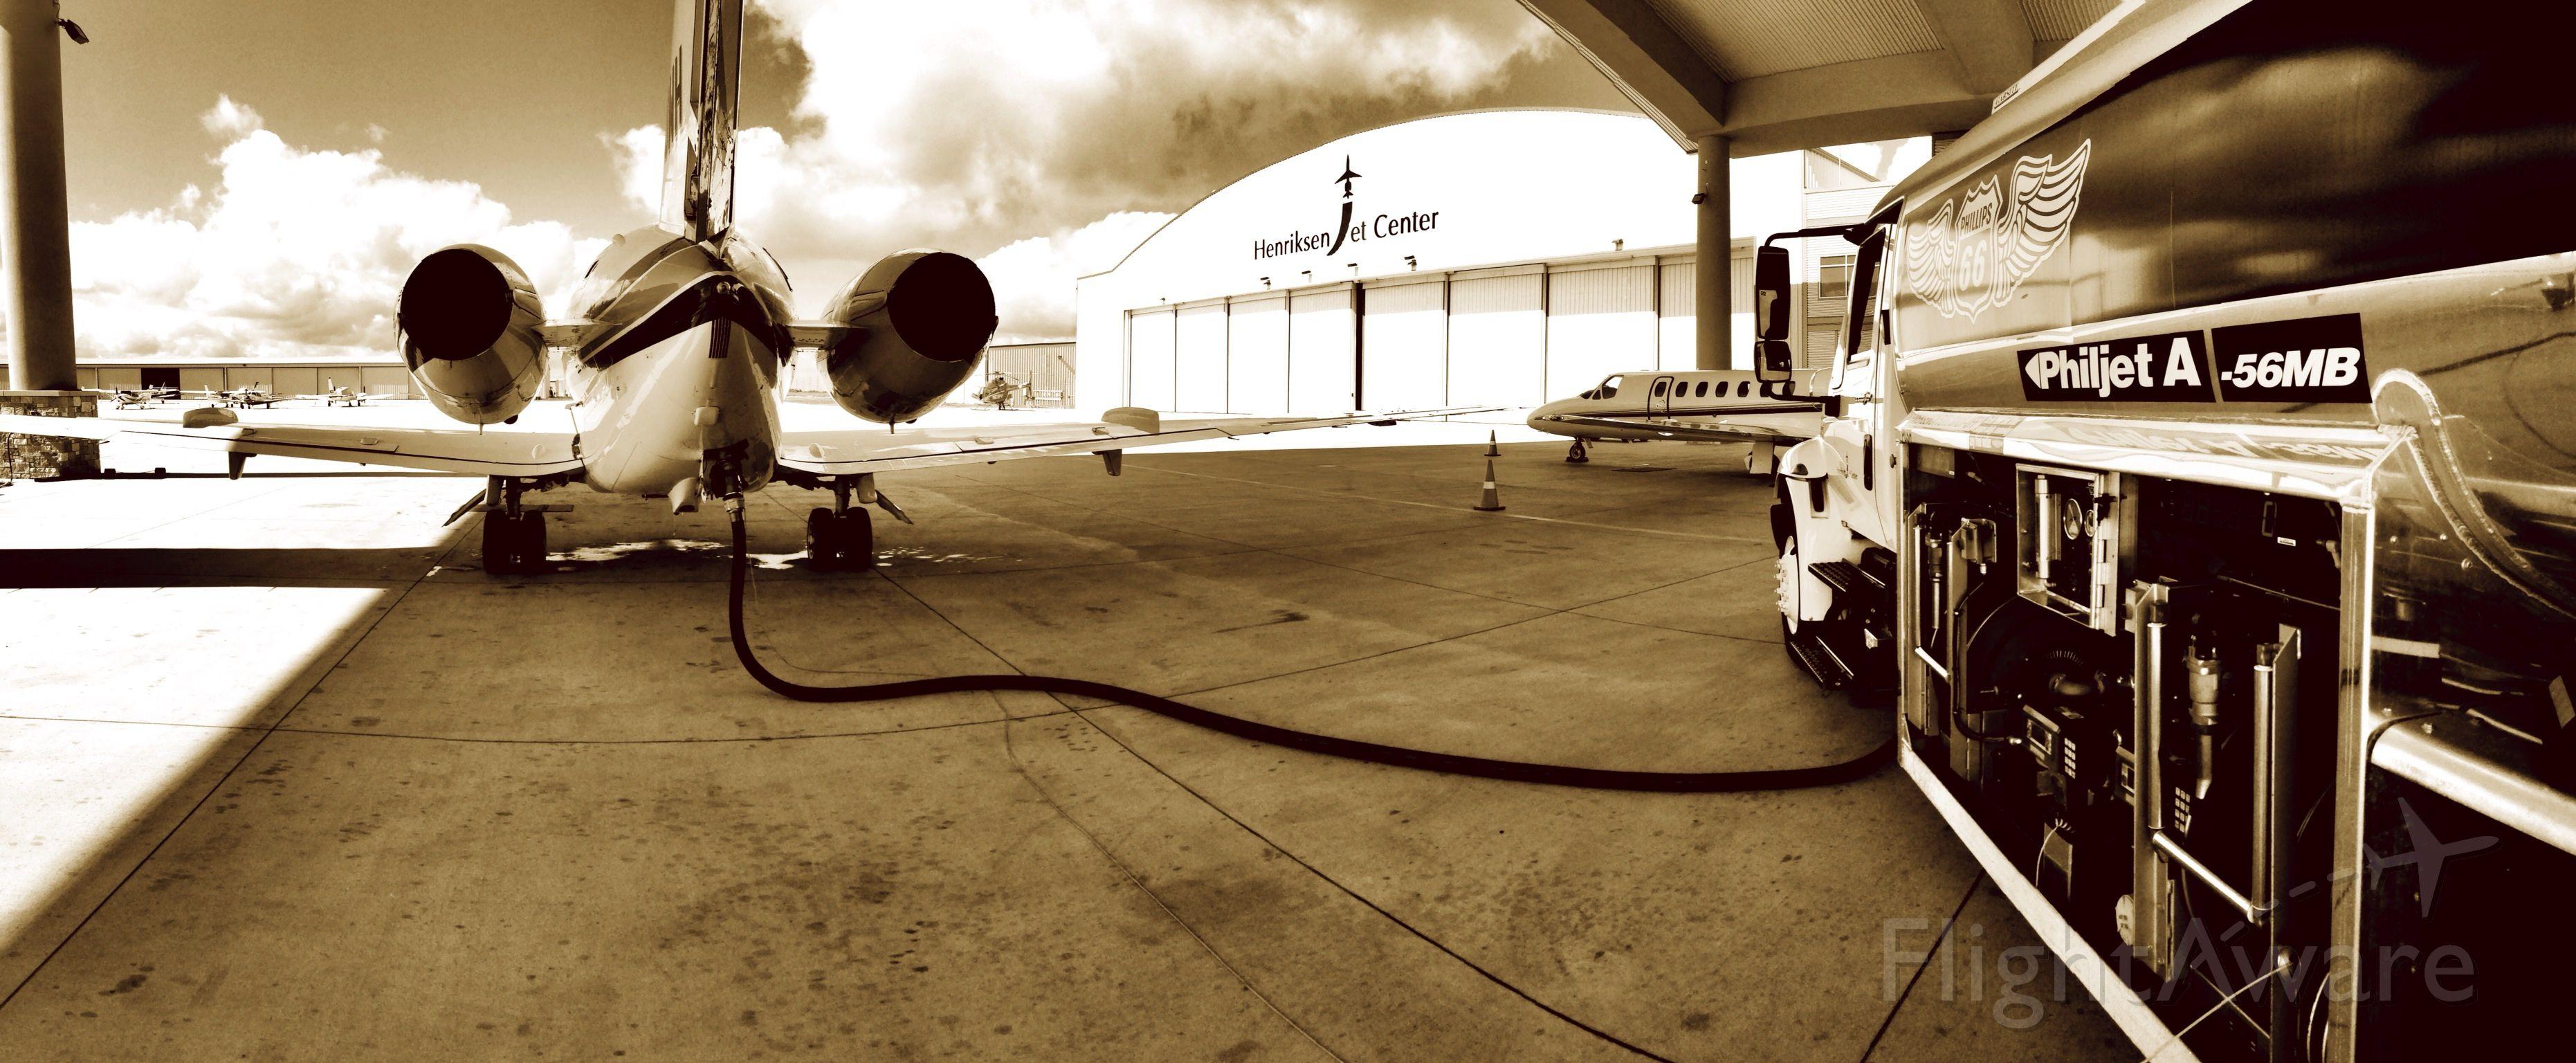 Raytheon Hawker 800 — - HenriksenJetCenter